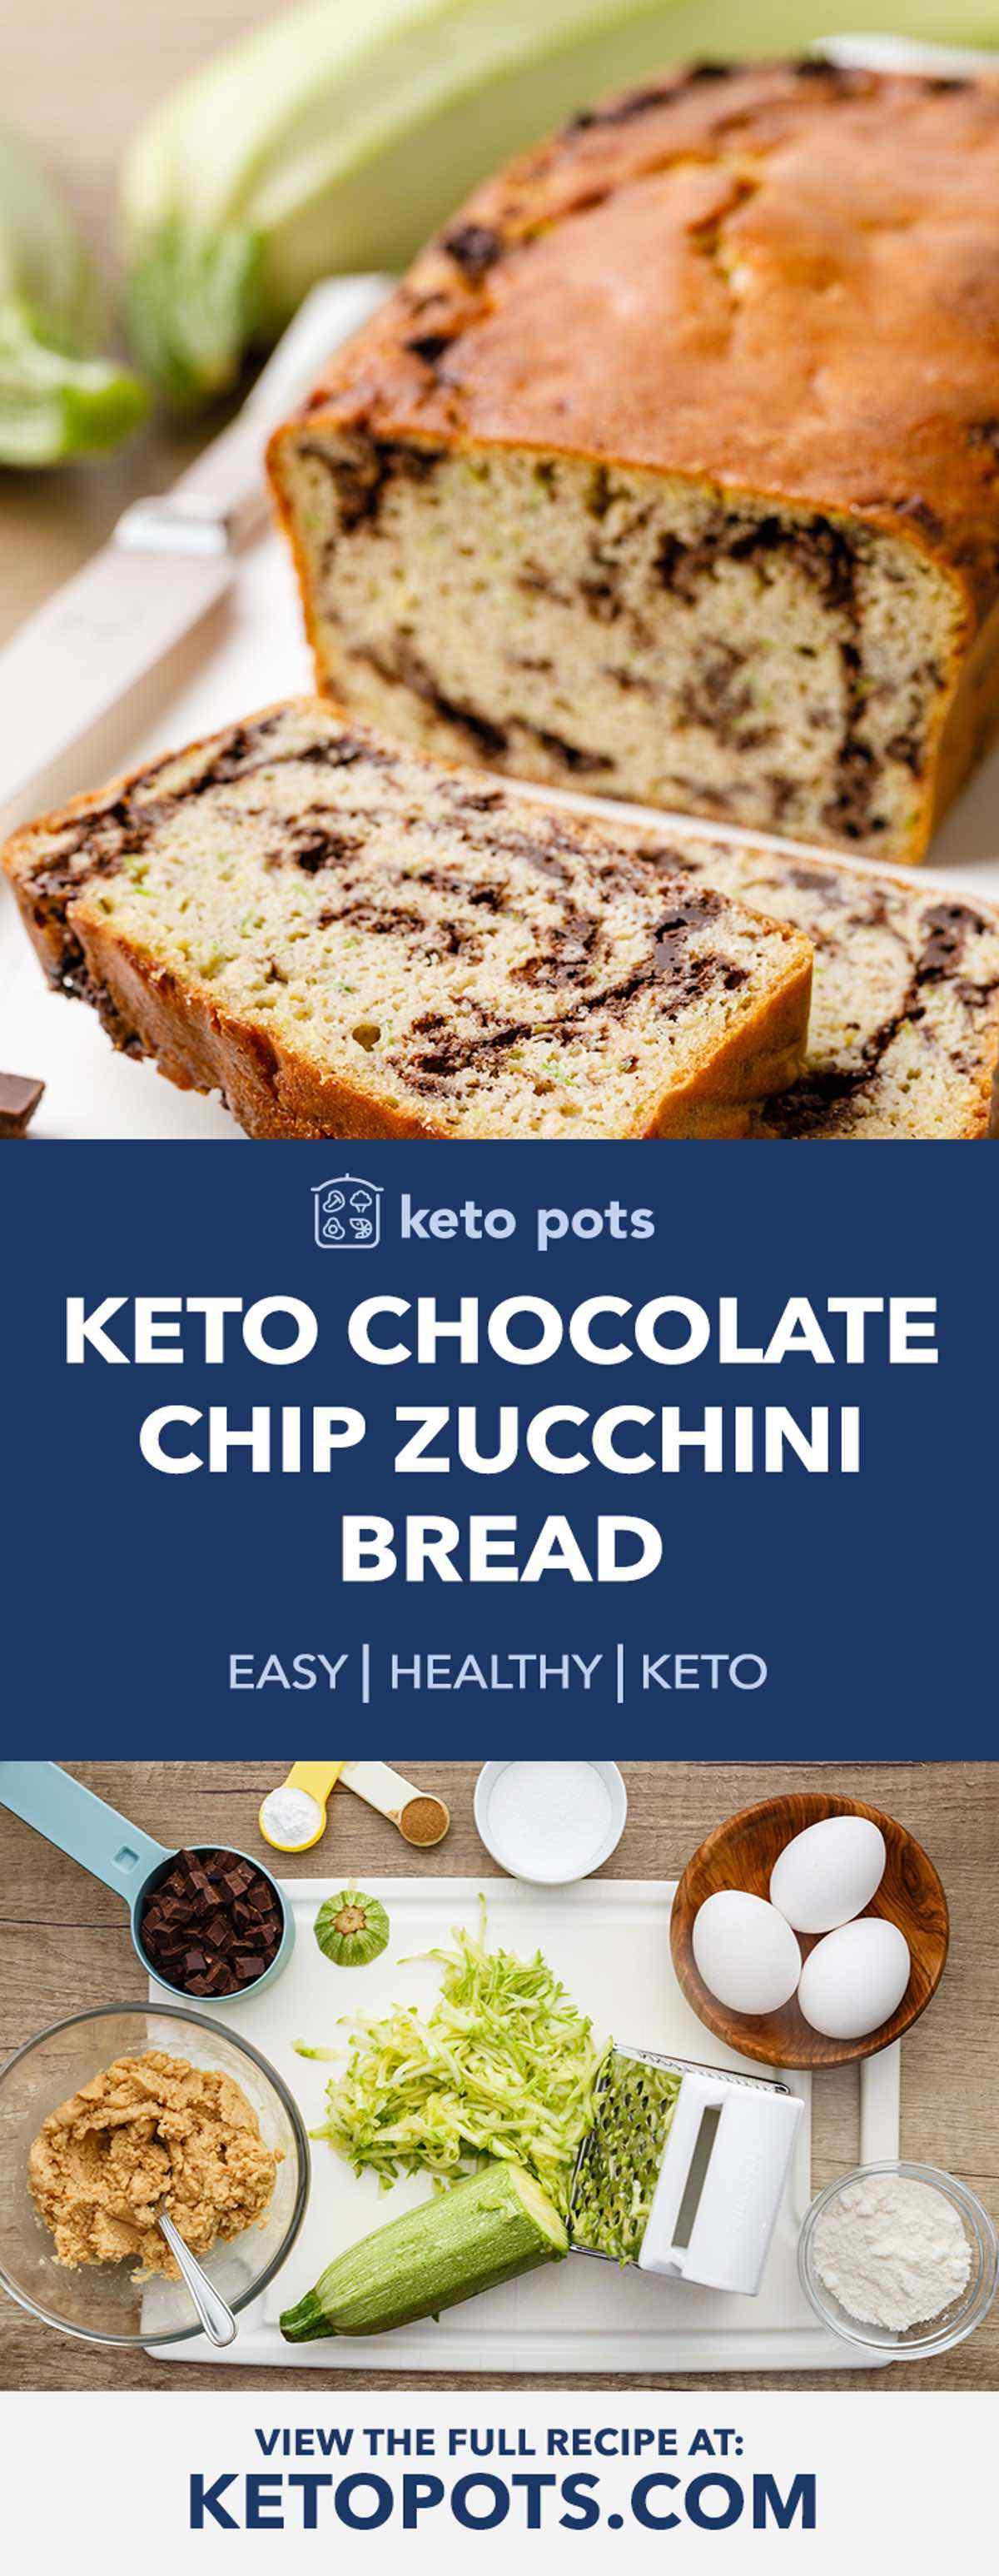 Chocolate Chip Keto Zucchini Bread